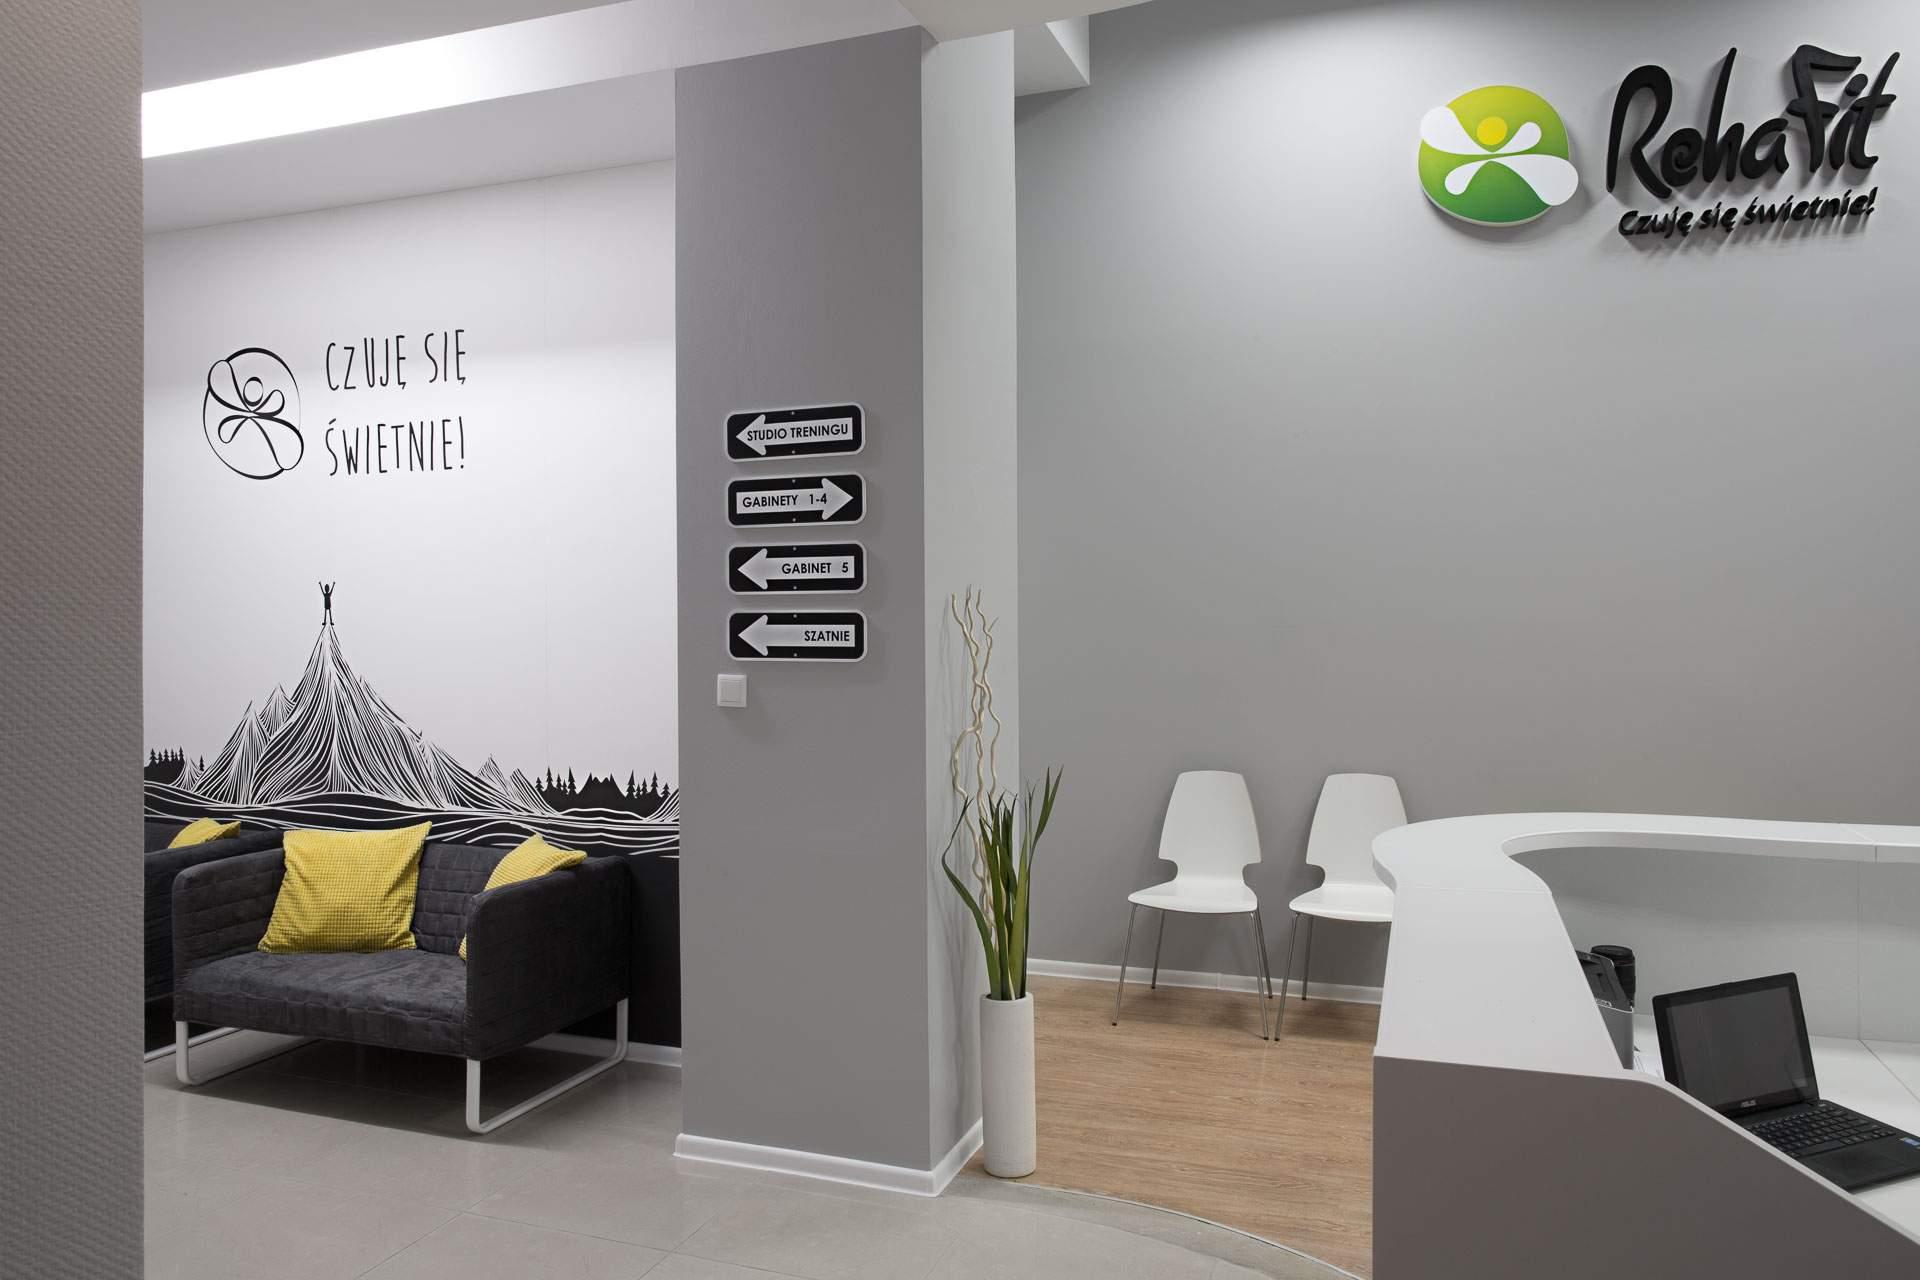 przestronny hall centrum rehabilitacji, masażu i treningu personalnego RehaFit.